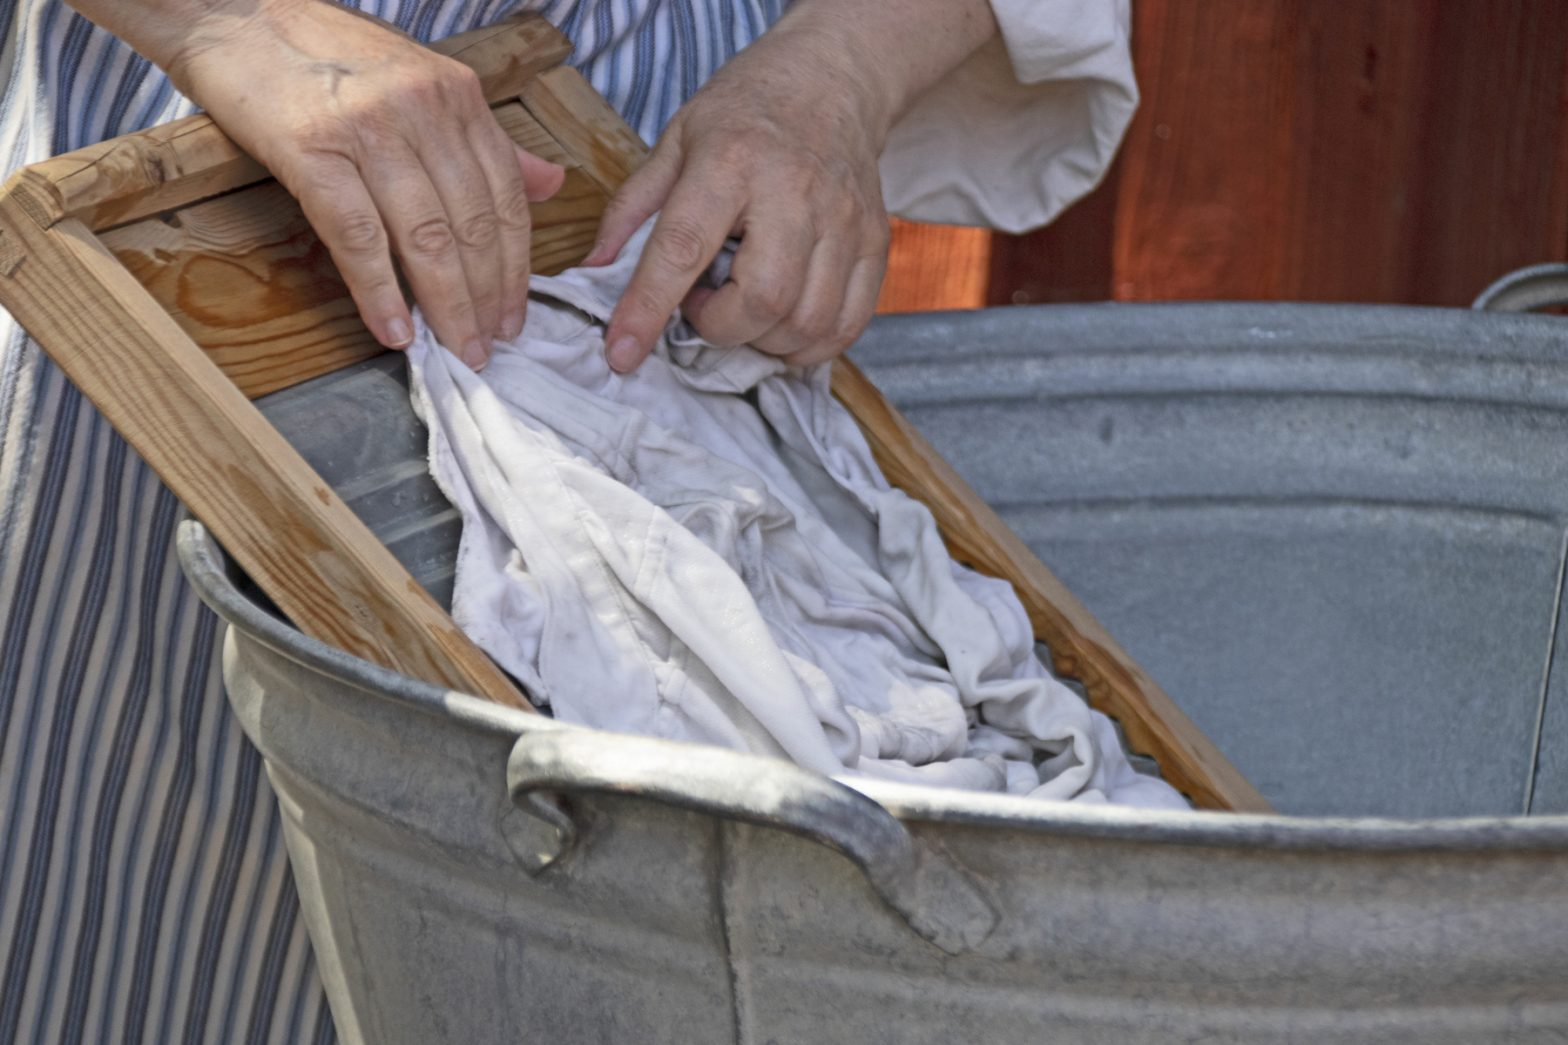 De ergste huishoudelijke klussen in de 19e eeuw